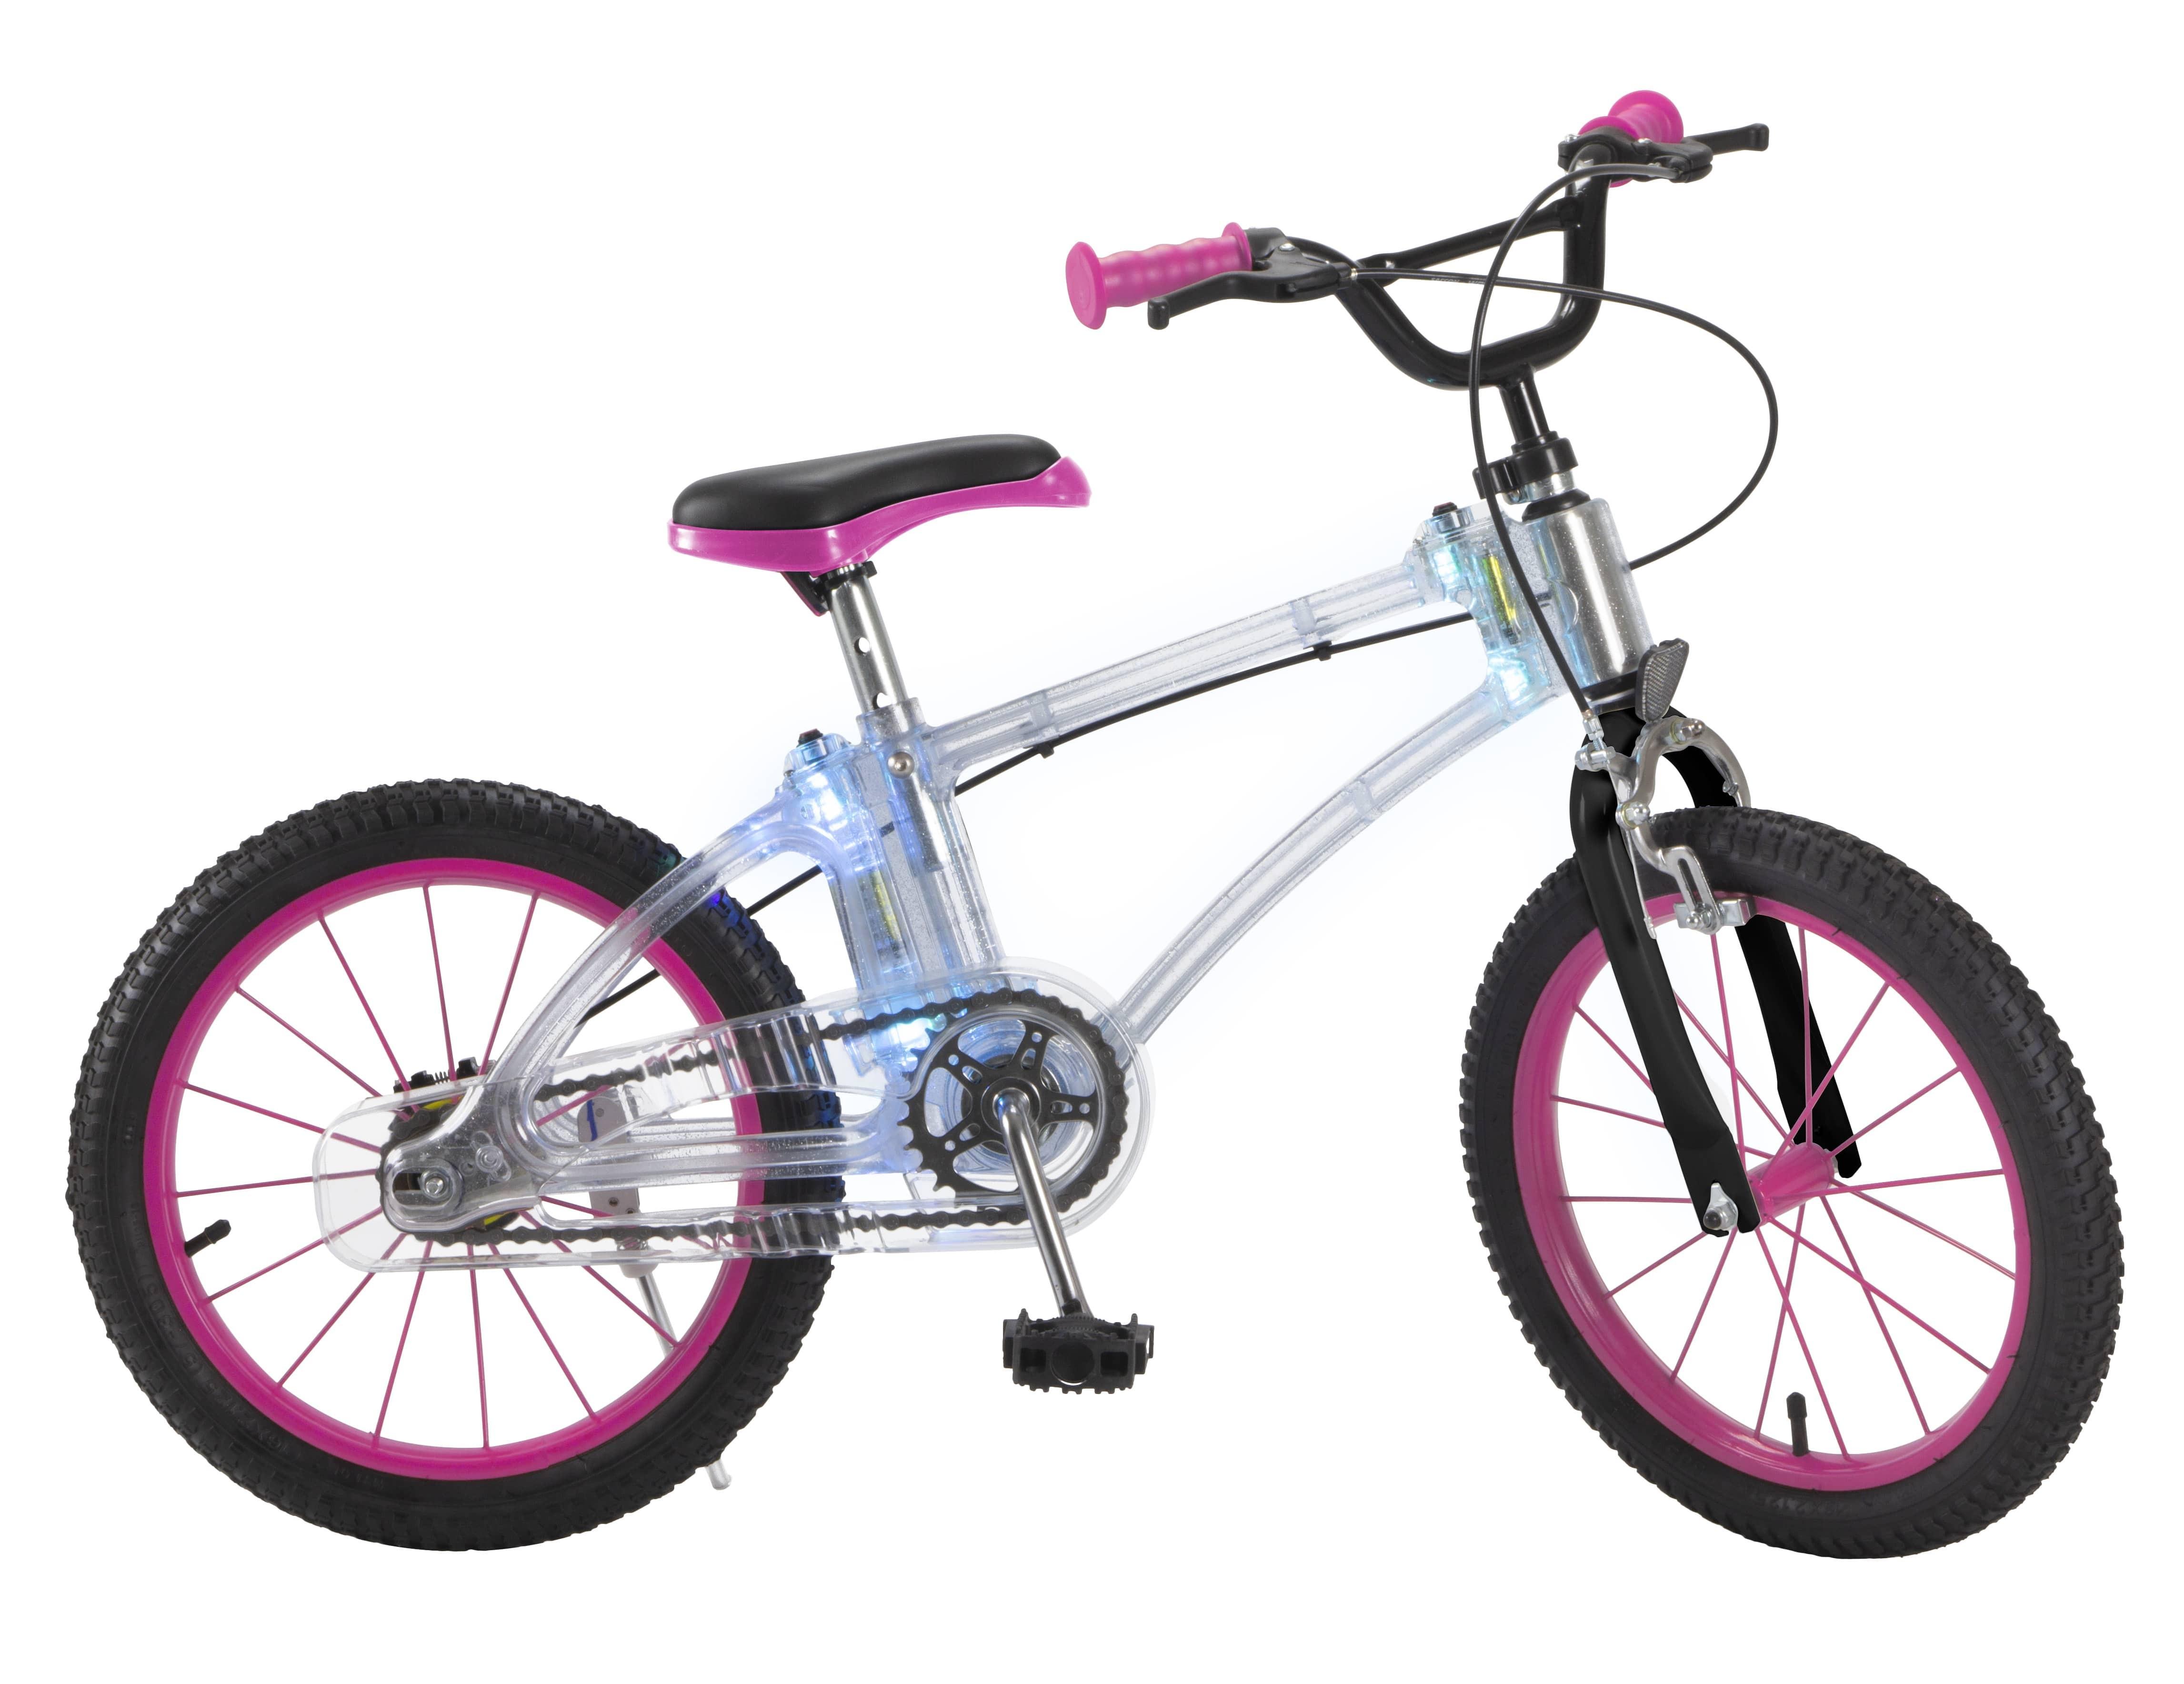 Bicicletta con Luci Led